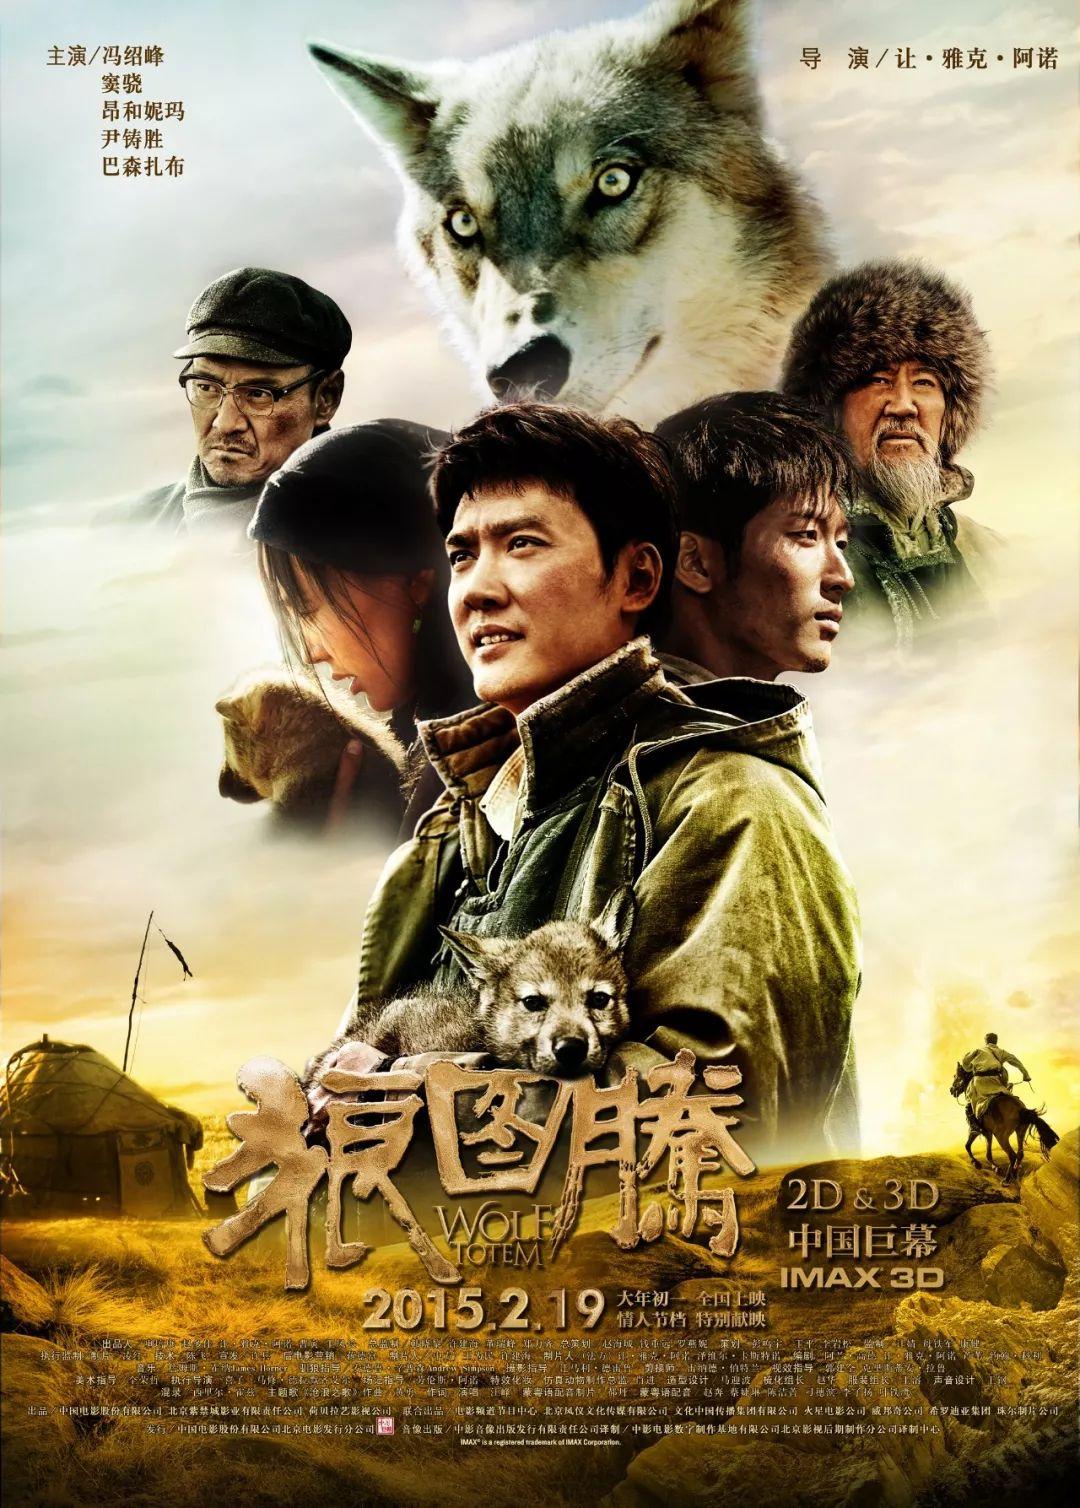 60部蒙古电影 部部都值得看 第98张 60部蒙古电影 部部都值得看 蒙古音乐